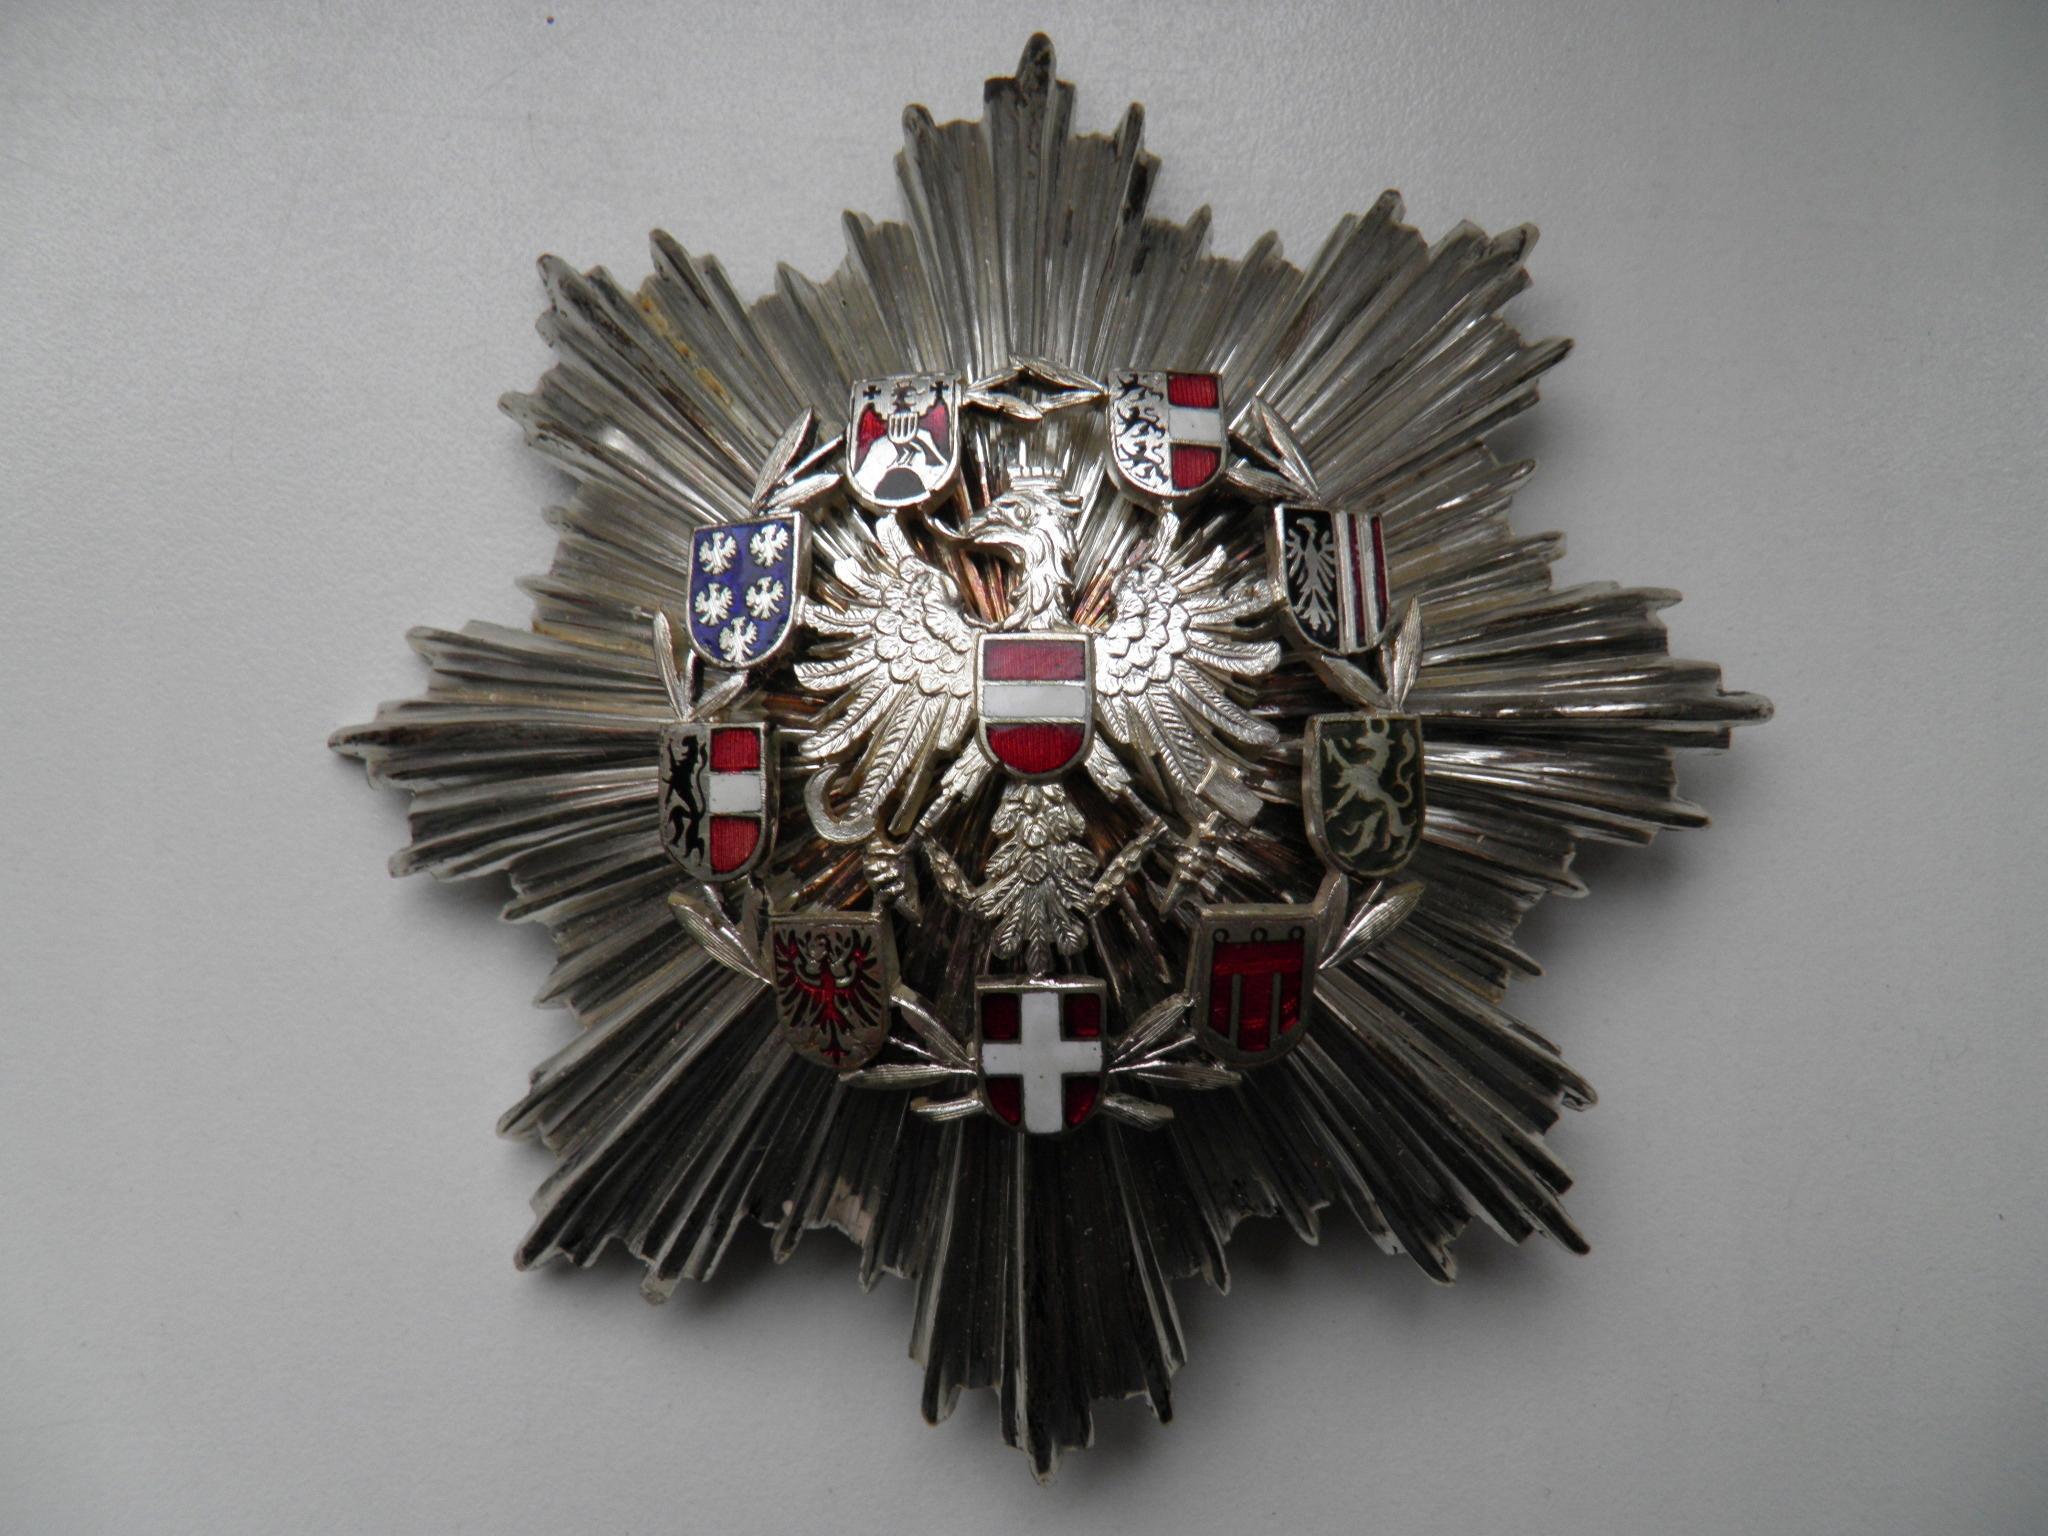 Wielka Gwiazda Za Zasługi dla Republiki Austrii